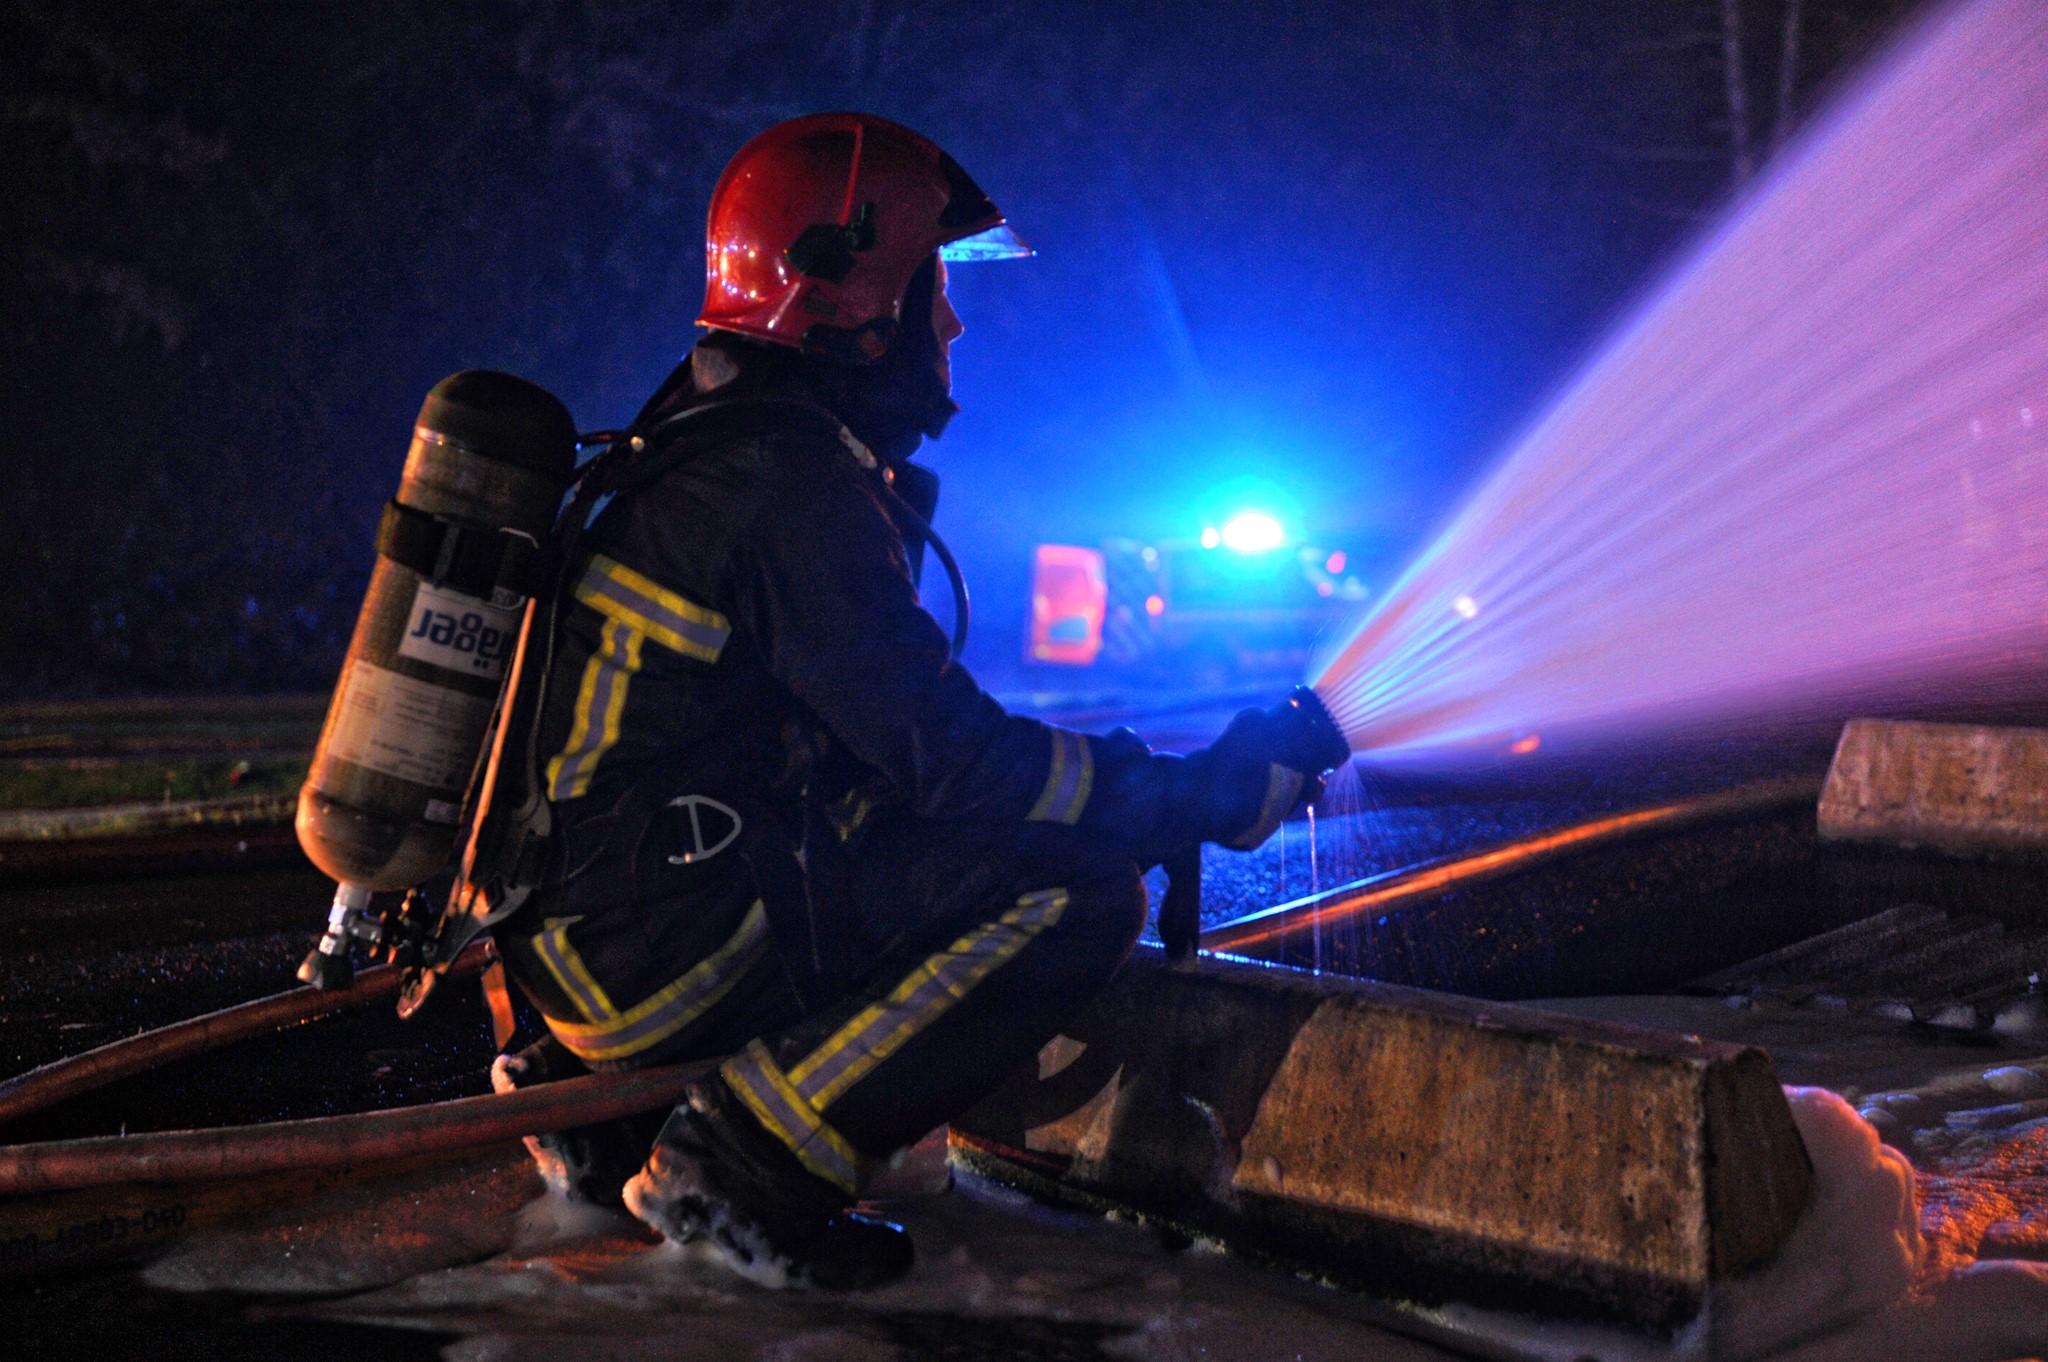 Un sapeur-pompier été blessé à la main gauche lors de l'intervention qui a nécessité de gros moyens compte tenu des risques de propagation (Photo d'illustration @SDIS78)